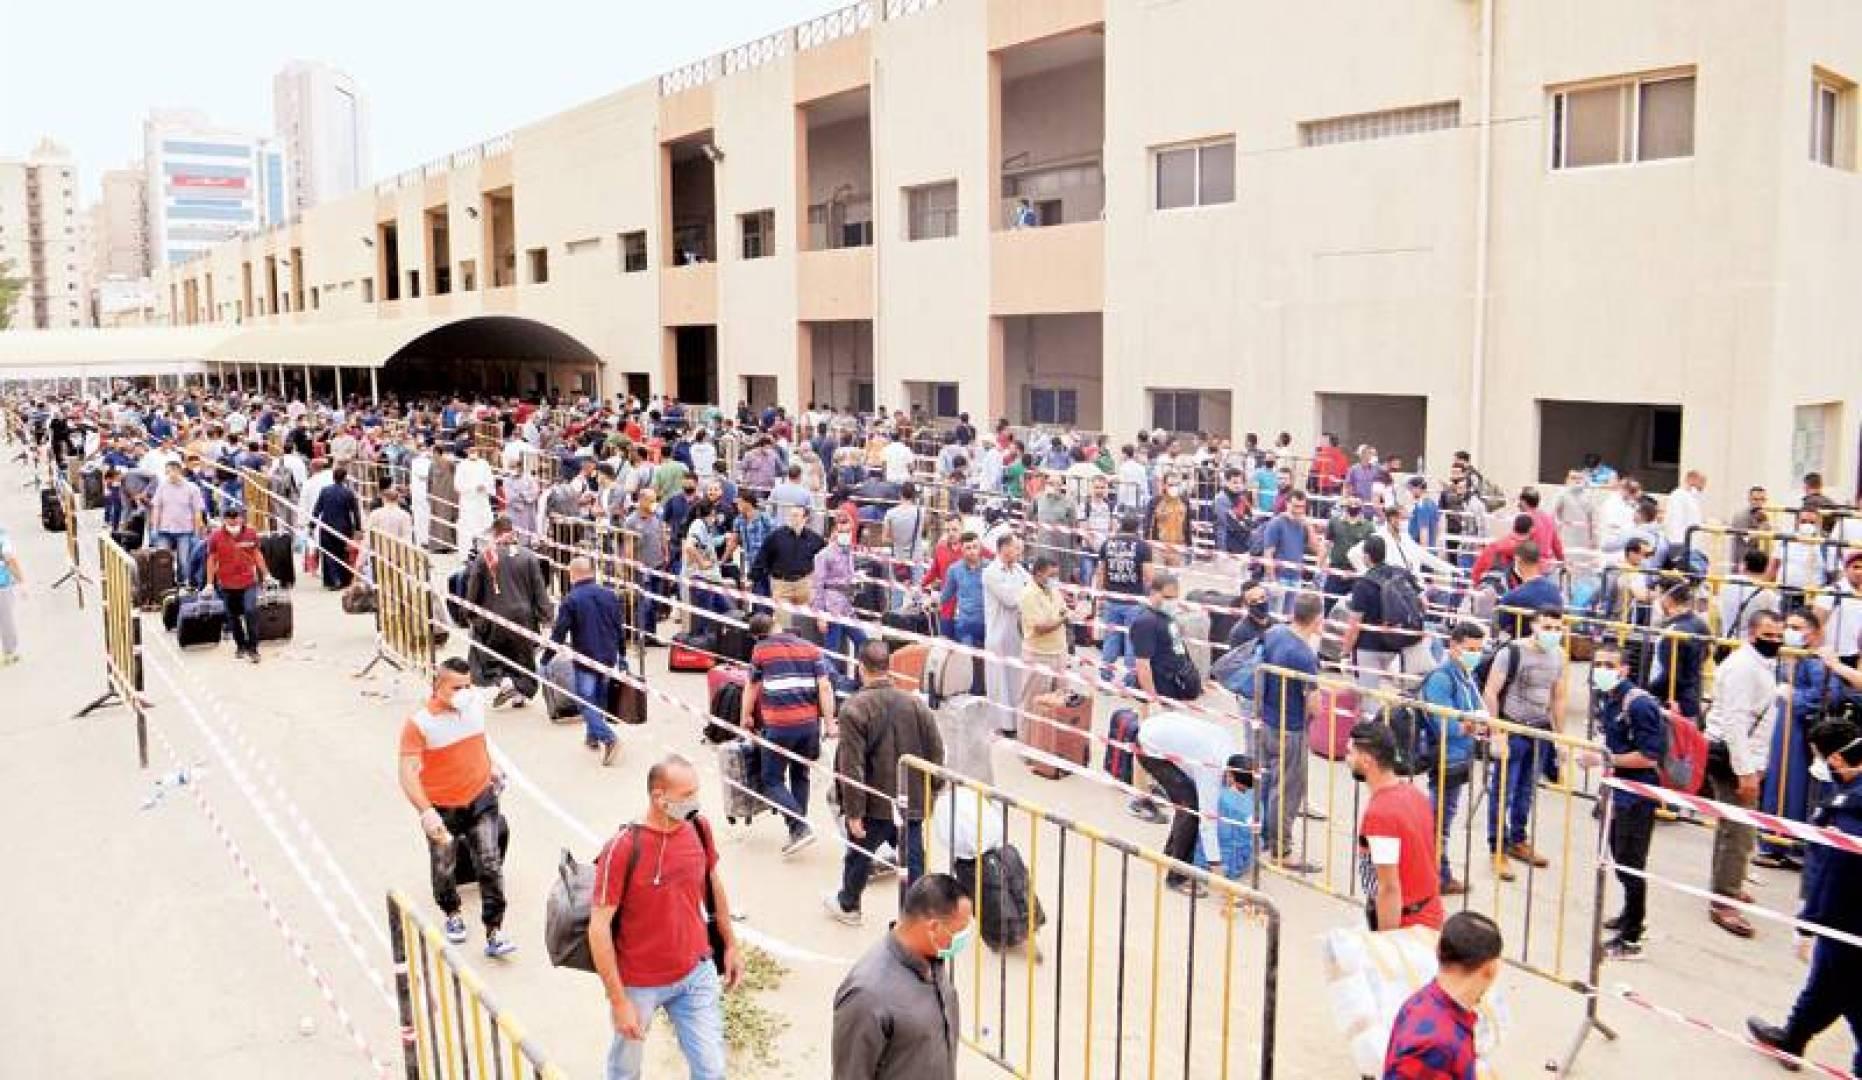 بعض مخالفي الإقامة الذين استفادوا من مهلة «غادر بأمان» (تصوير: بسام زيدان)